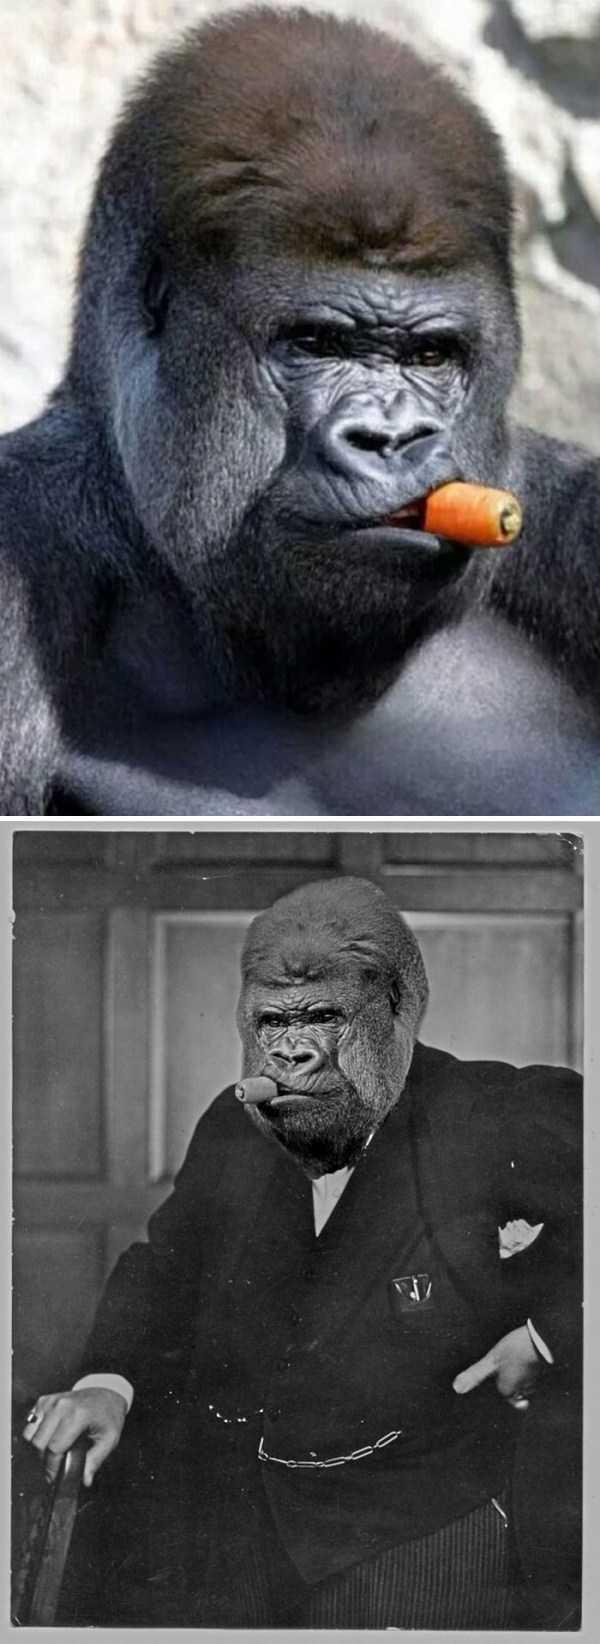 hilarious-photoshops (4)